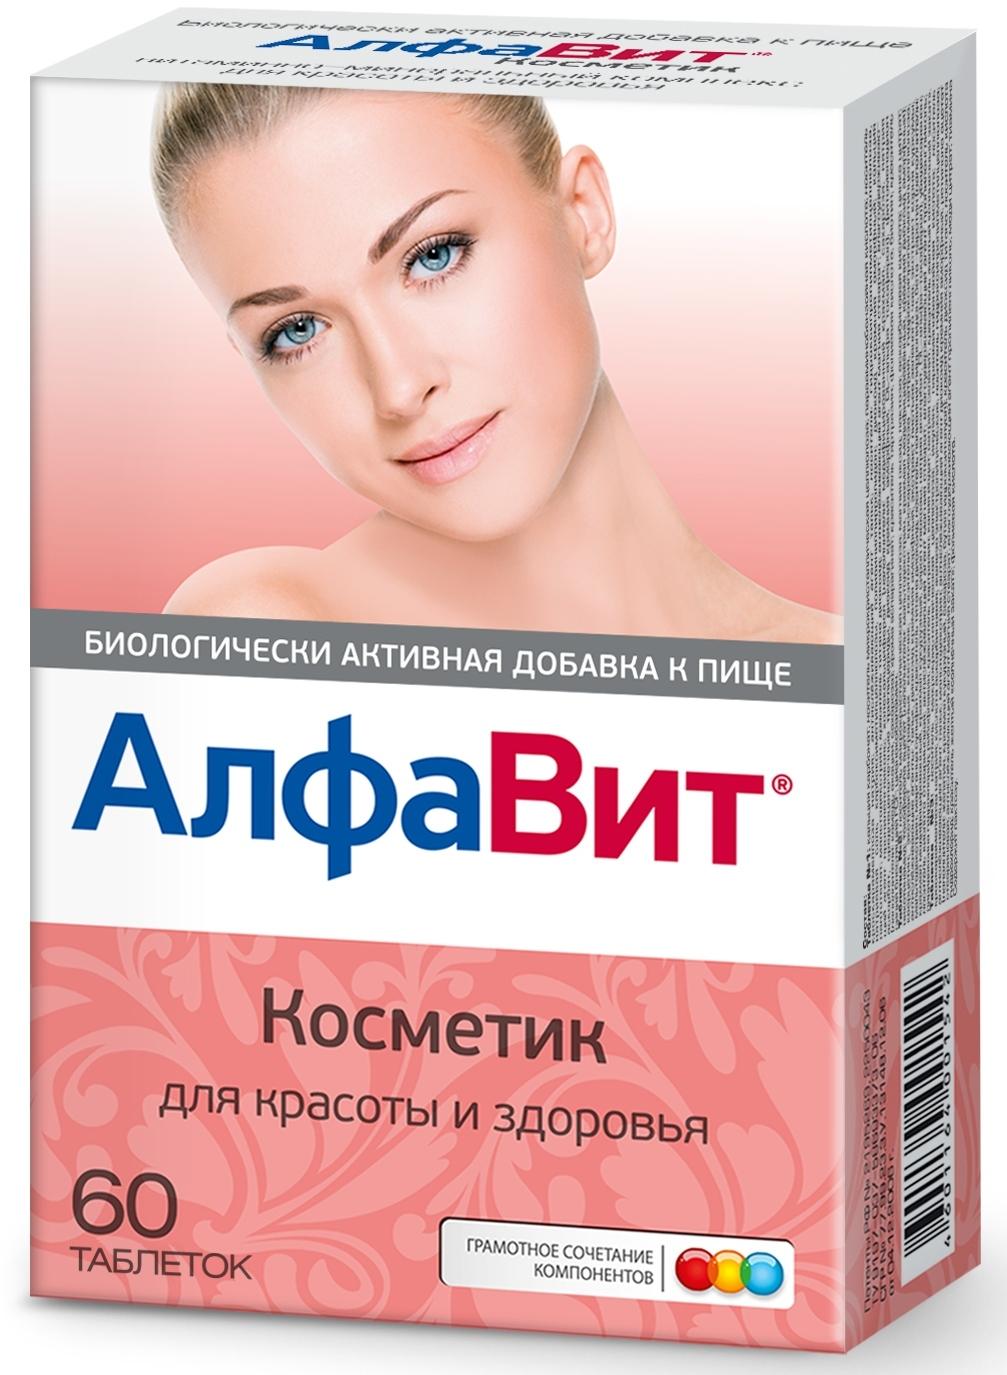 Витамины для косметики купить купить косметику джероб в москве